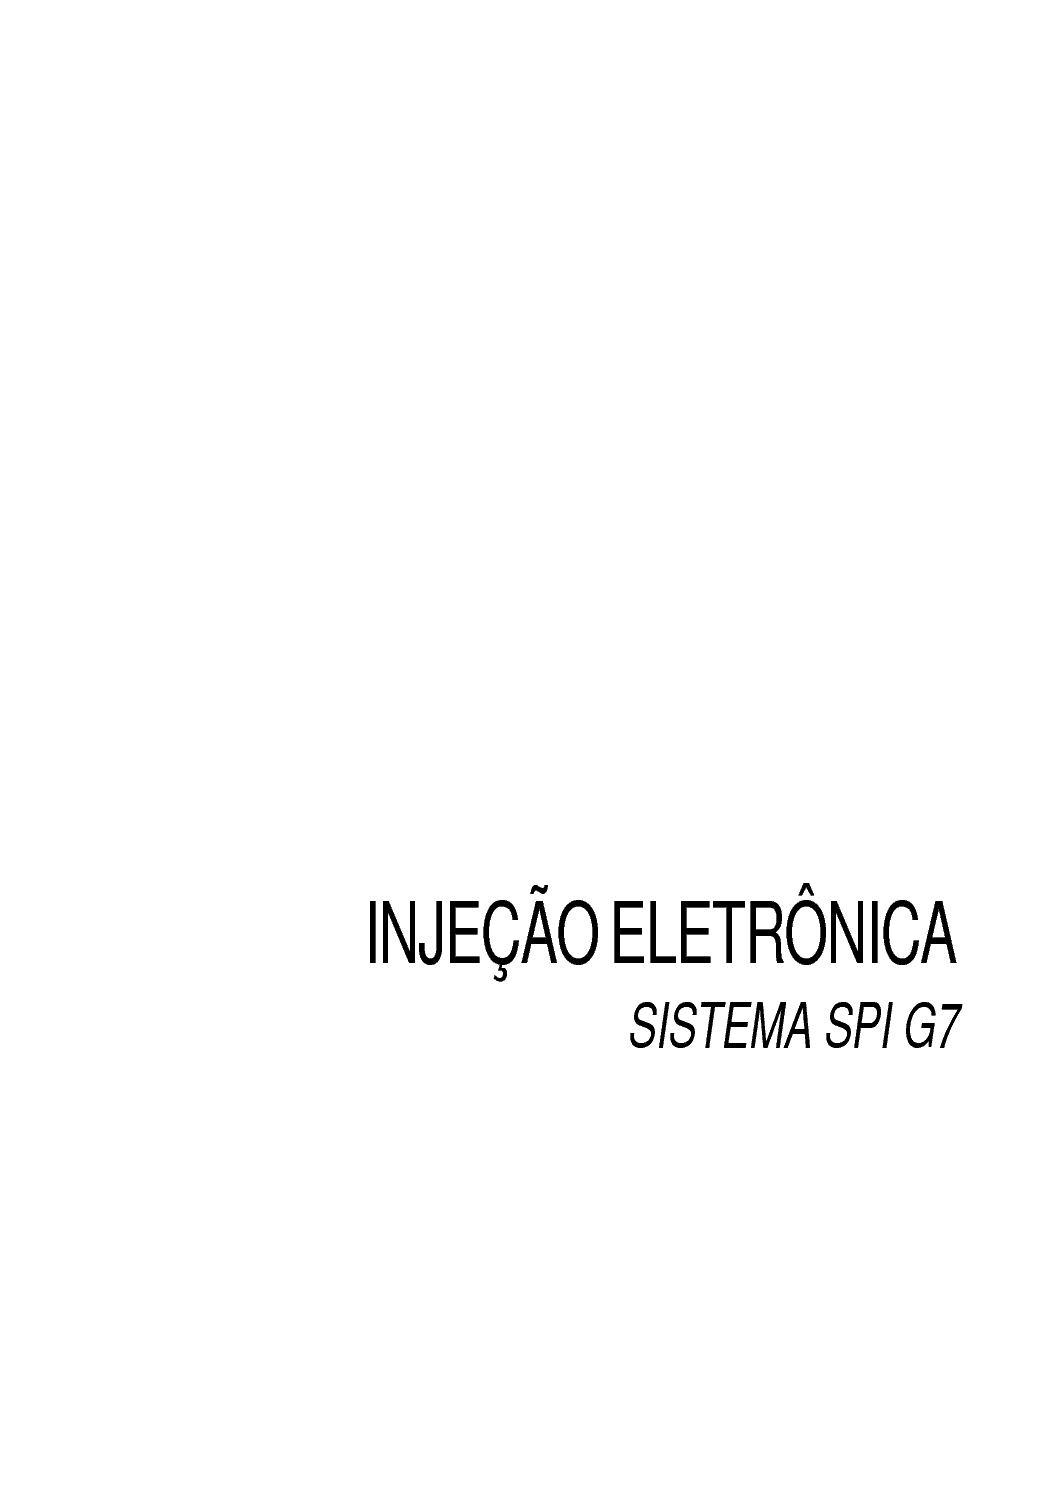 Automação - Injeção Eletrônica SPI G7